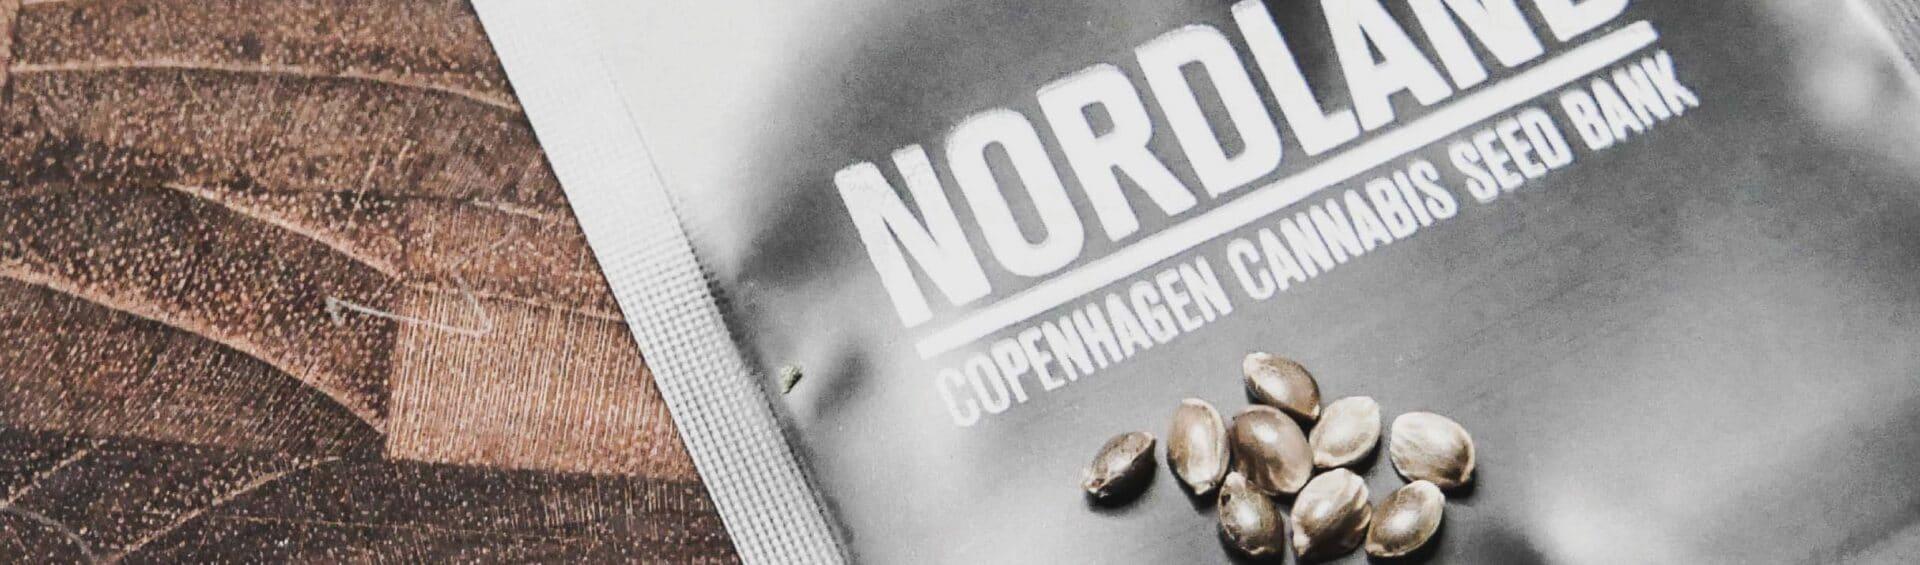 Skunkfrø tilbud Nordland